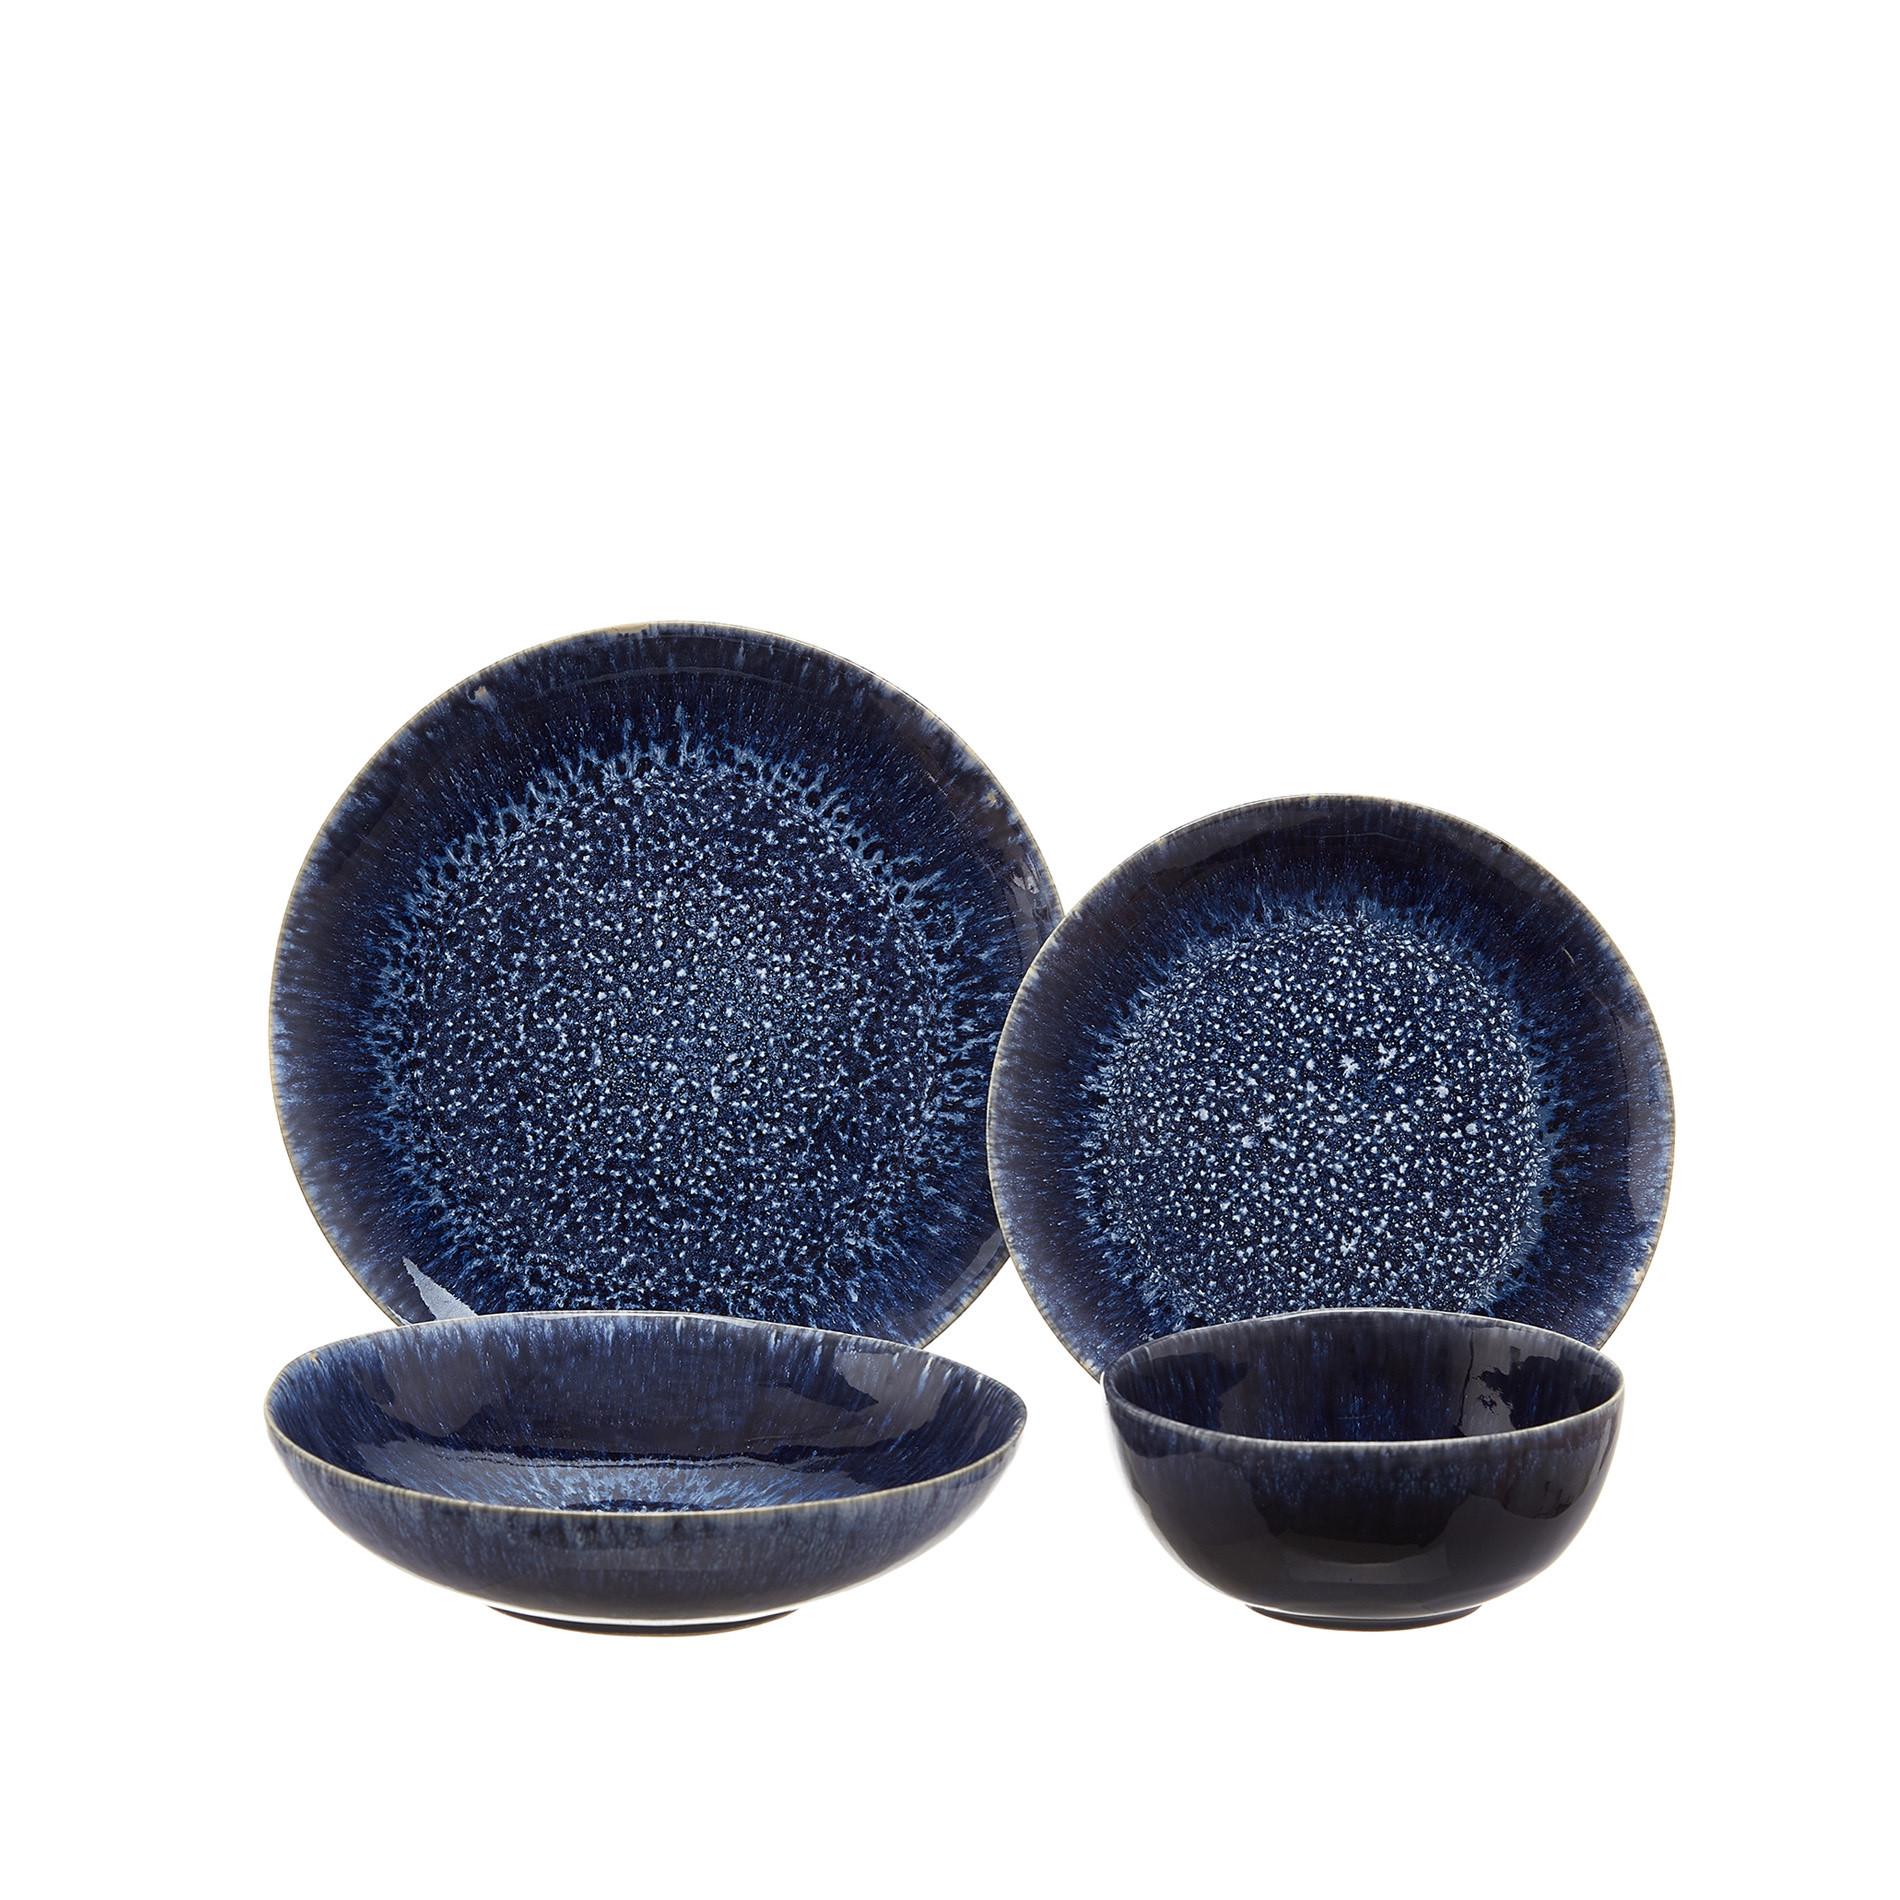 Piatto frutta ceramica smalto reattivo, Blu, large image number 1